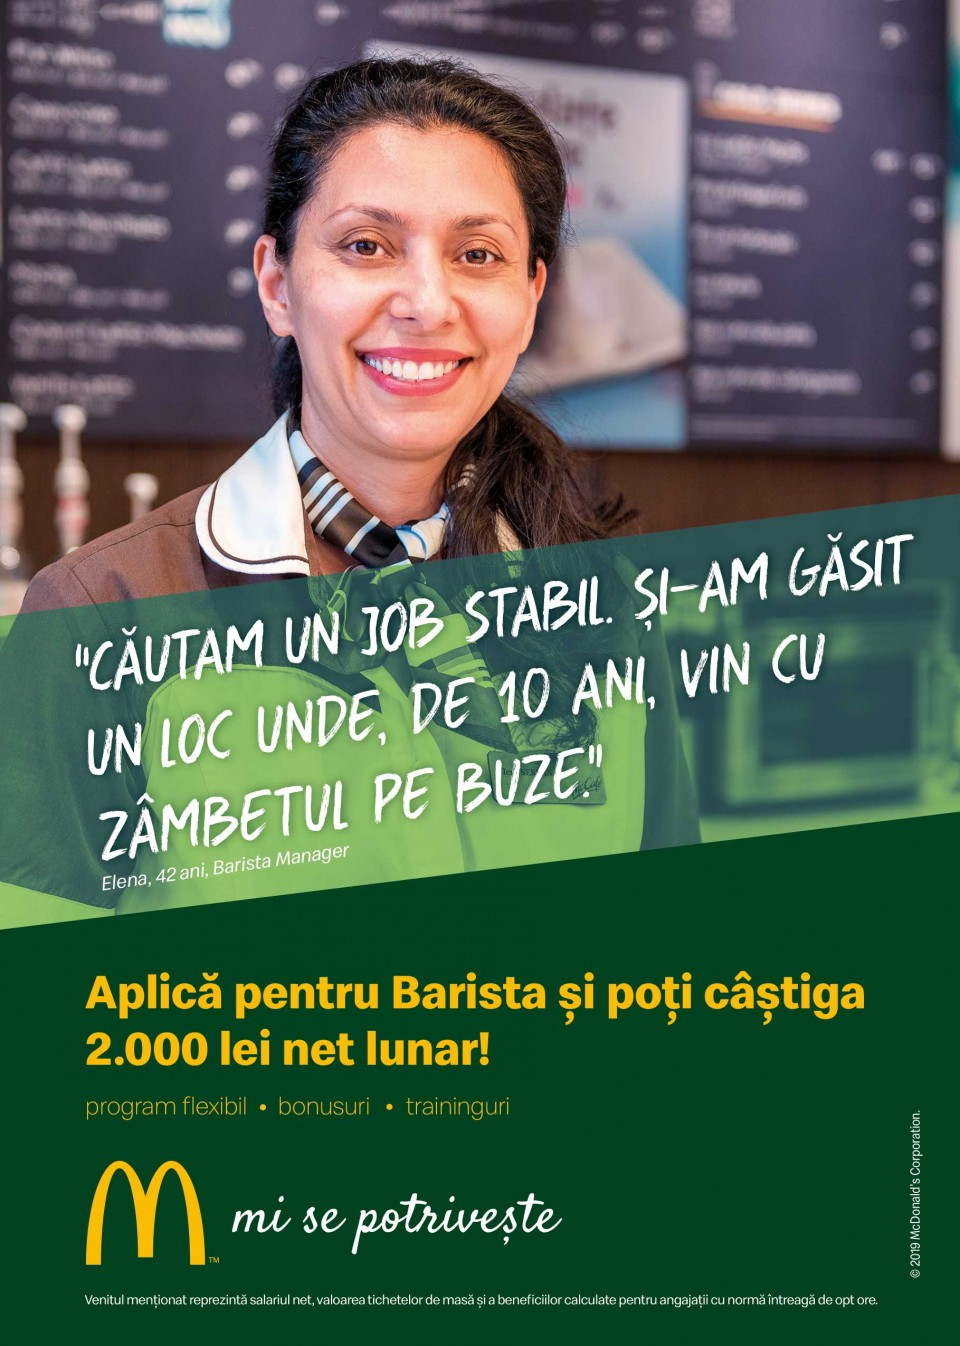 Barista McDonald's în RomâniaCei 5.000 de angajați ai McDonald's în România știu ce înseamnă puterea unui zâmbet.  Echipa McDonald's e formată din oameni muncitori, ambițioși, pentru care interacțiunea cu alți oameni este o bucurie. În fiecare zi, angajații McDonald's întâmpină peste 210.000 de clienți. Ne dorim să aducem în echipa noastră colegi dornici să învețe și să crească în cadrul unei echipe puternice și ambițioase.  McDonald's a deschis primul restaurant în România pe 16 iunie 1995, în Unirea Shopping Center din București. A fost primul pas în construirea unei povești de succes, care se dezvoltă în fiecare an.  În 2016, McDonald's în România a devenit Premier Restaurants România, ca urmare a parteneriatului pentru dezvoltare încheiat cu Premier Capital, compania malteză care coordonează operațiunile McDonald's din șase țări europene: Estonia, Grecia, Letonia, Lituania, Malta și România.  Astăzi, McDonald's are 78 de restaurante în 23 de orașe din România și este liderul pieței de restaurante cu servire rapidă. În același timp, lanțul McCafé, are în prezent 33 de cafenele în România și crește de la an la an.http://mcdonalds.ro